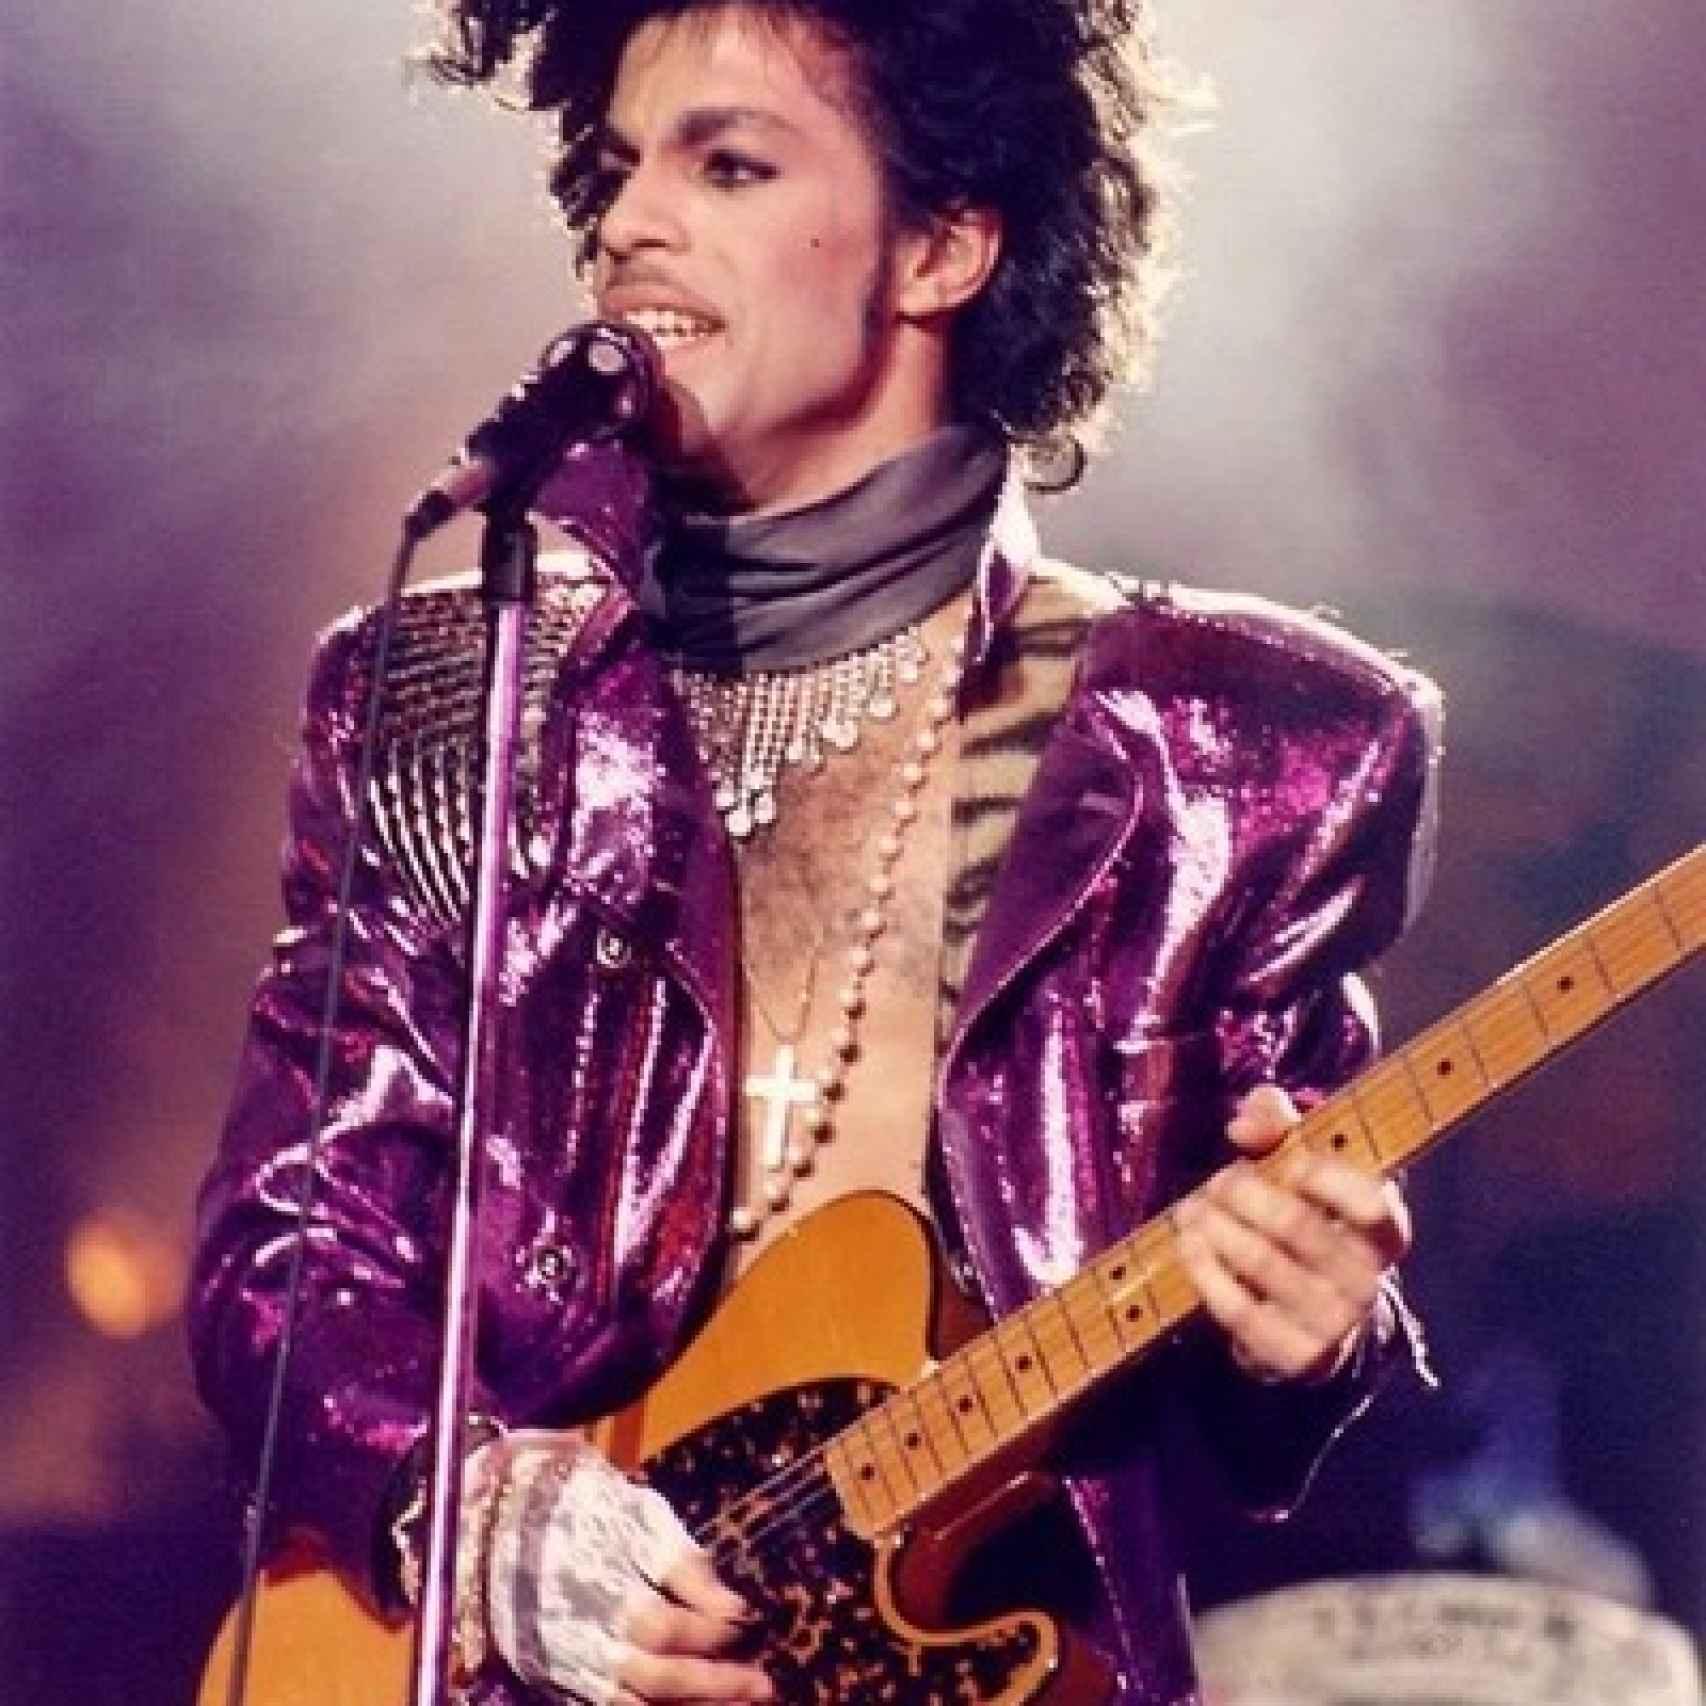 Prince vestido de morado interpretando Purple Rain